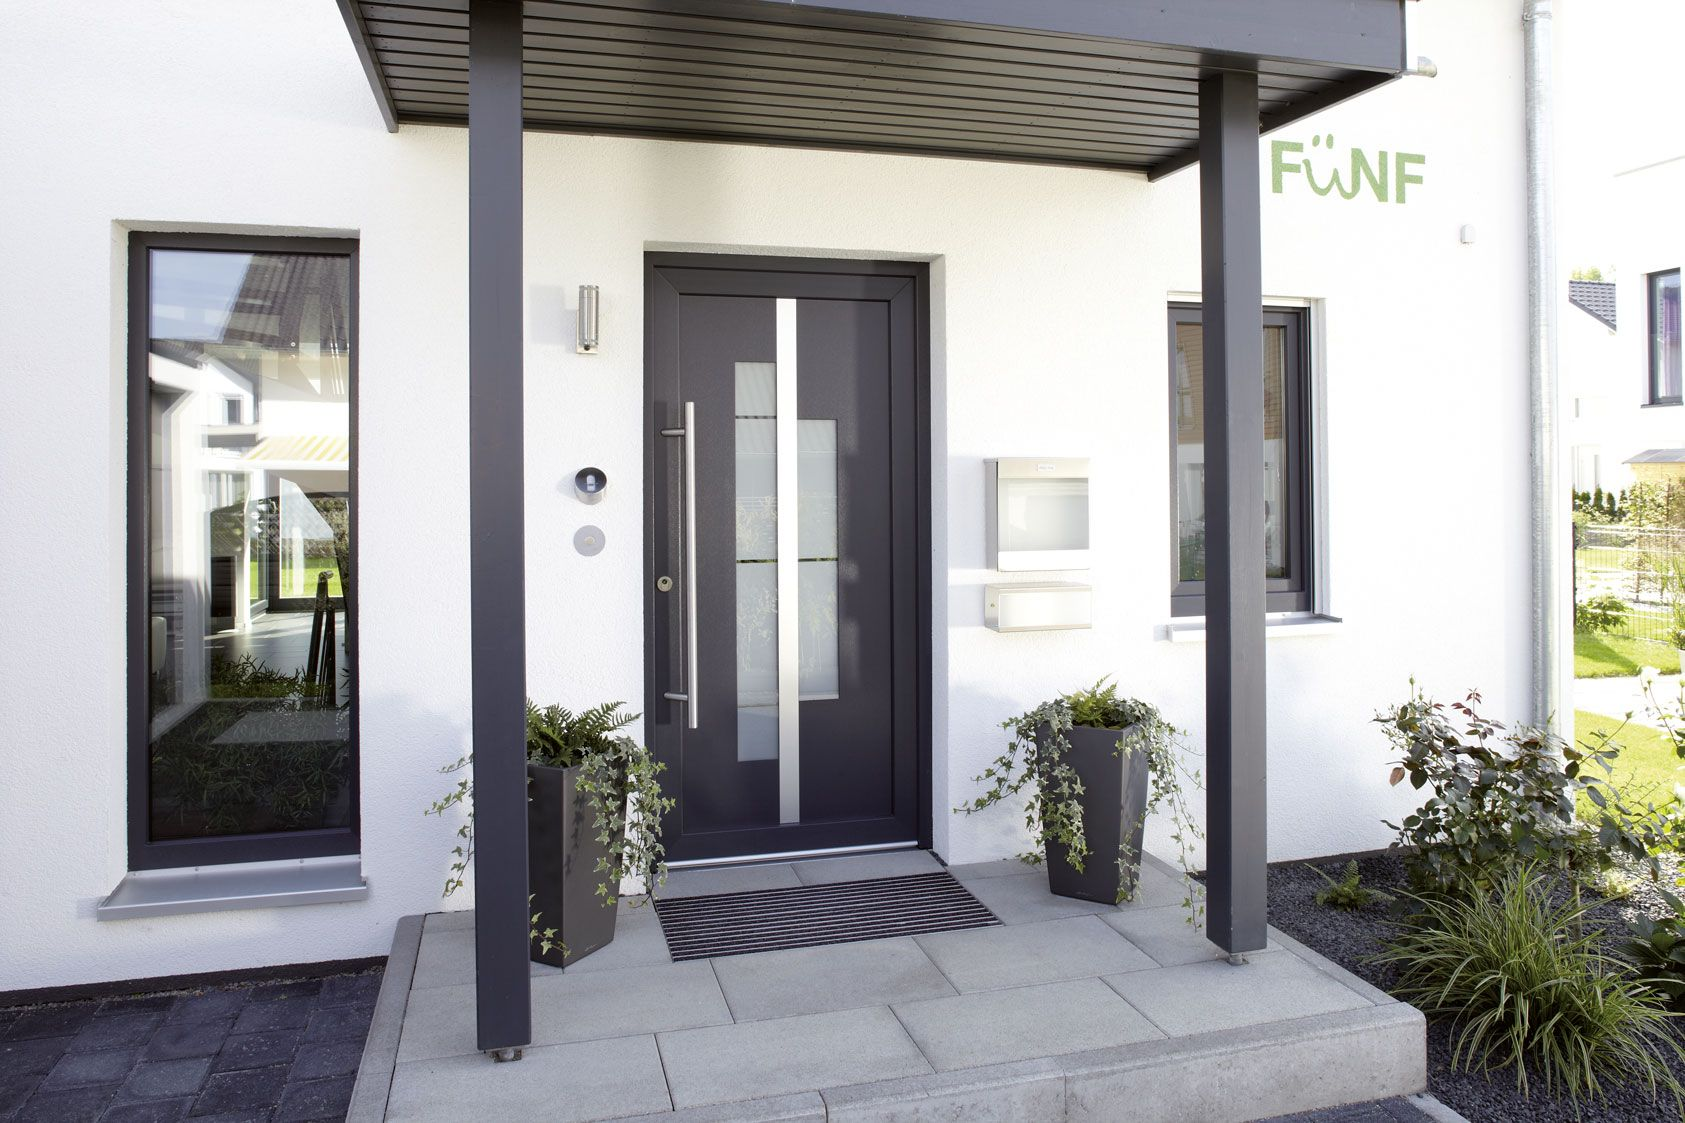 einladend ein dunkles vordach passend zur haust r einfamilienhaus ein haus zum wohlf hlen. Black Bedroom Furniture Sets. Home Design Ideas